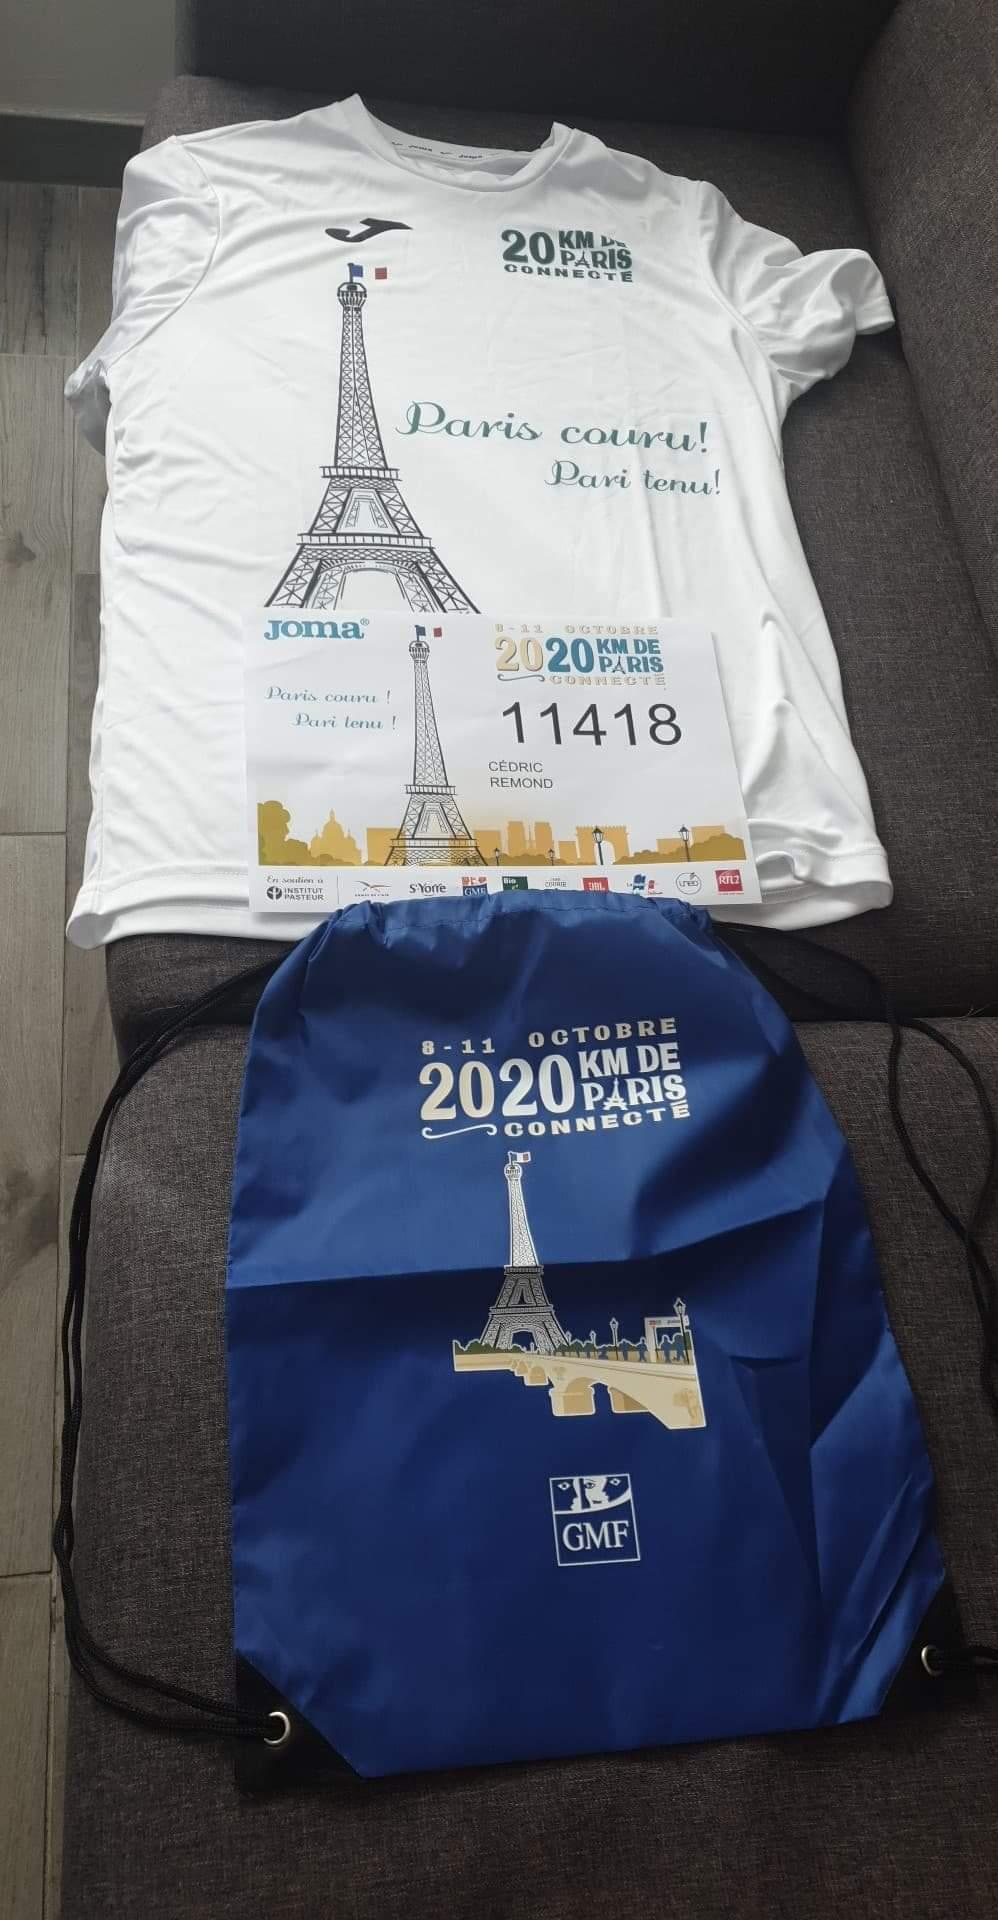 20km de Paris Connecté Receiv17